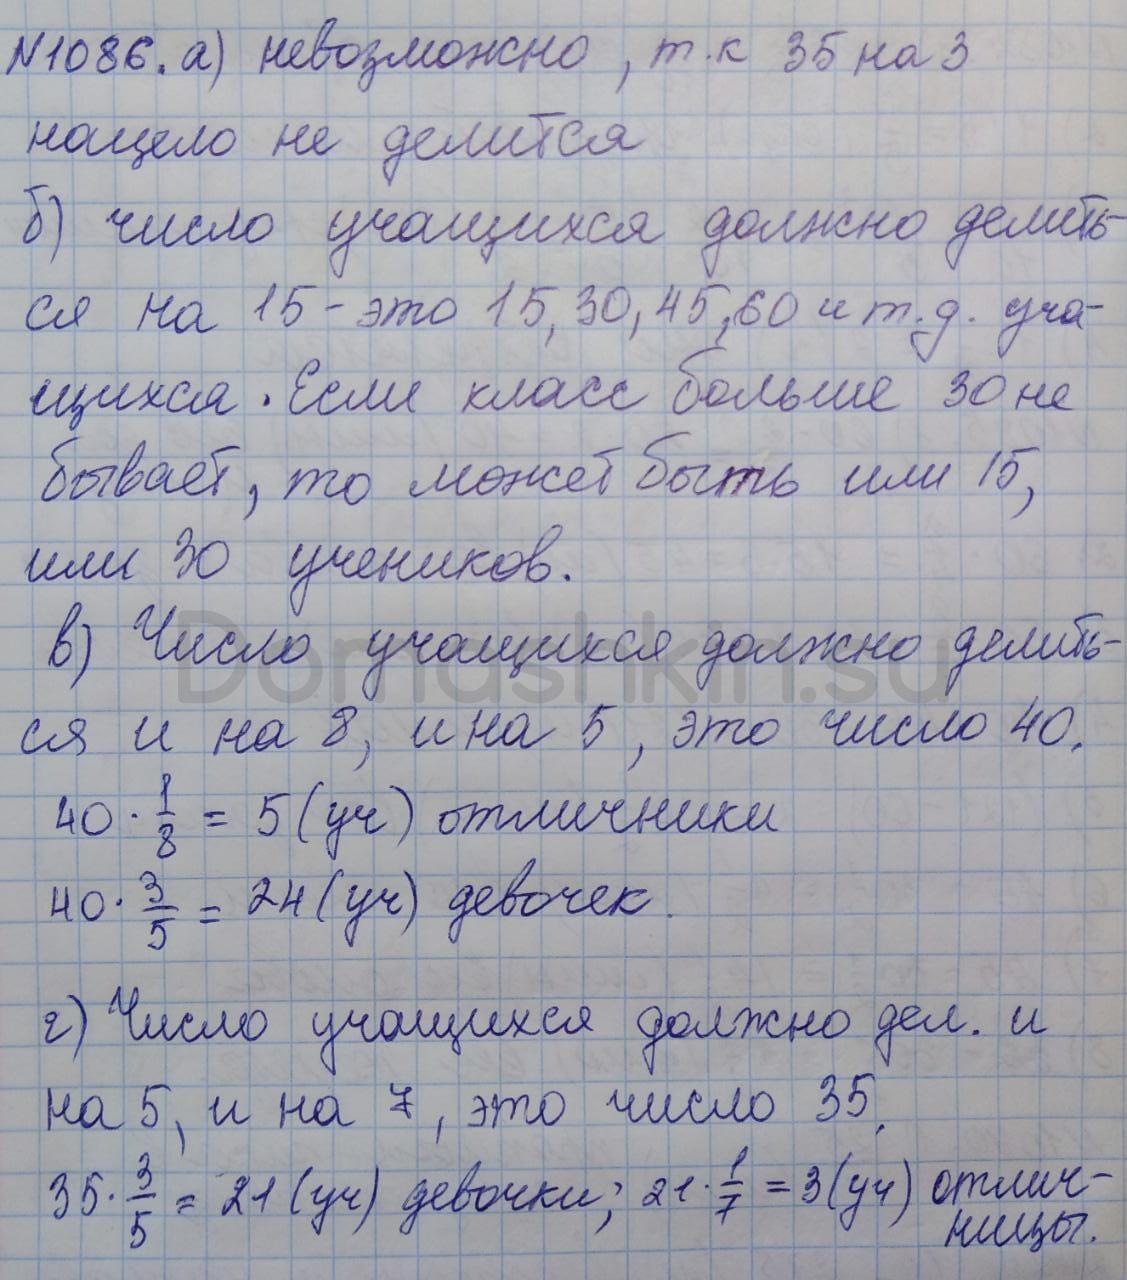 Математика 5 класс учебник Никольский номер 1086 решение